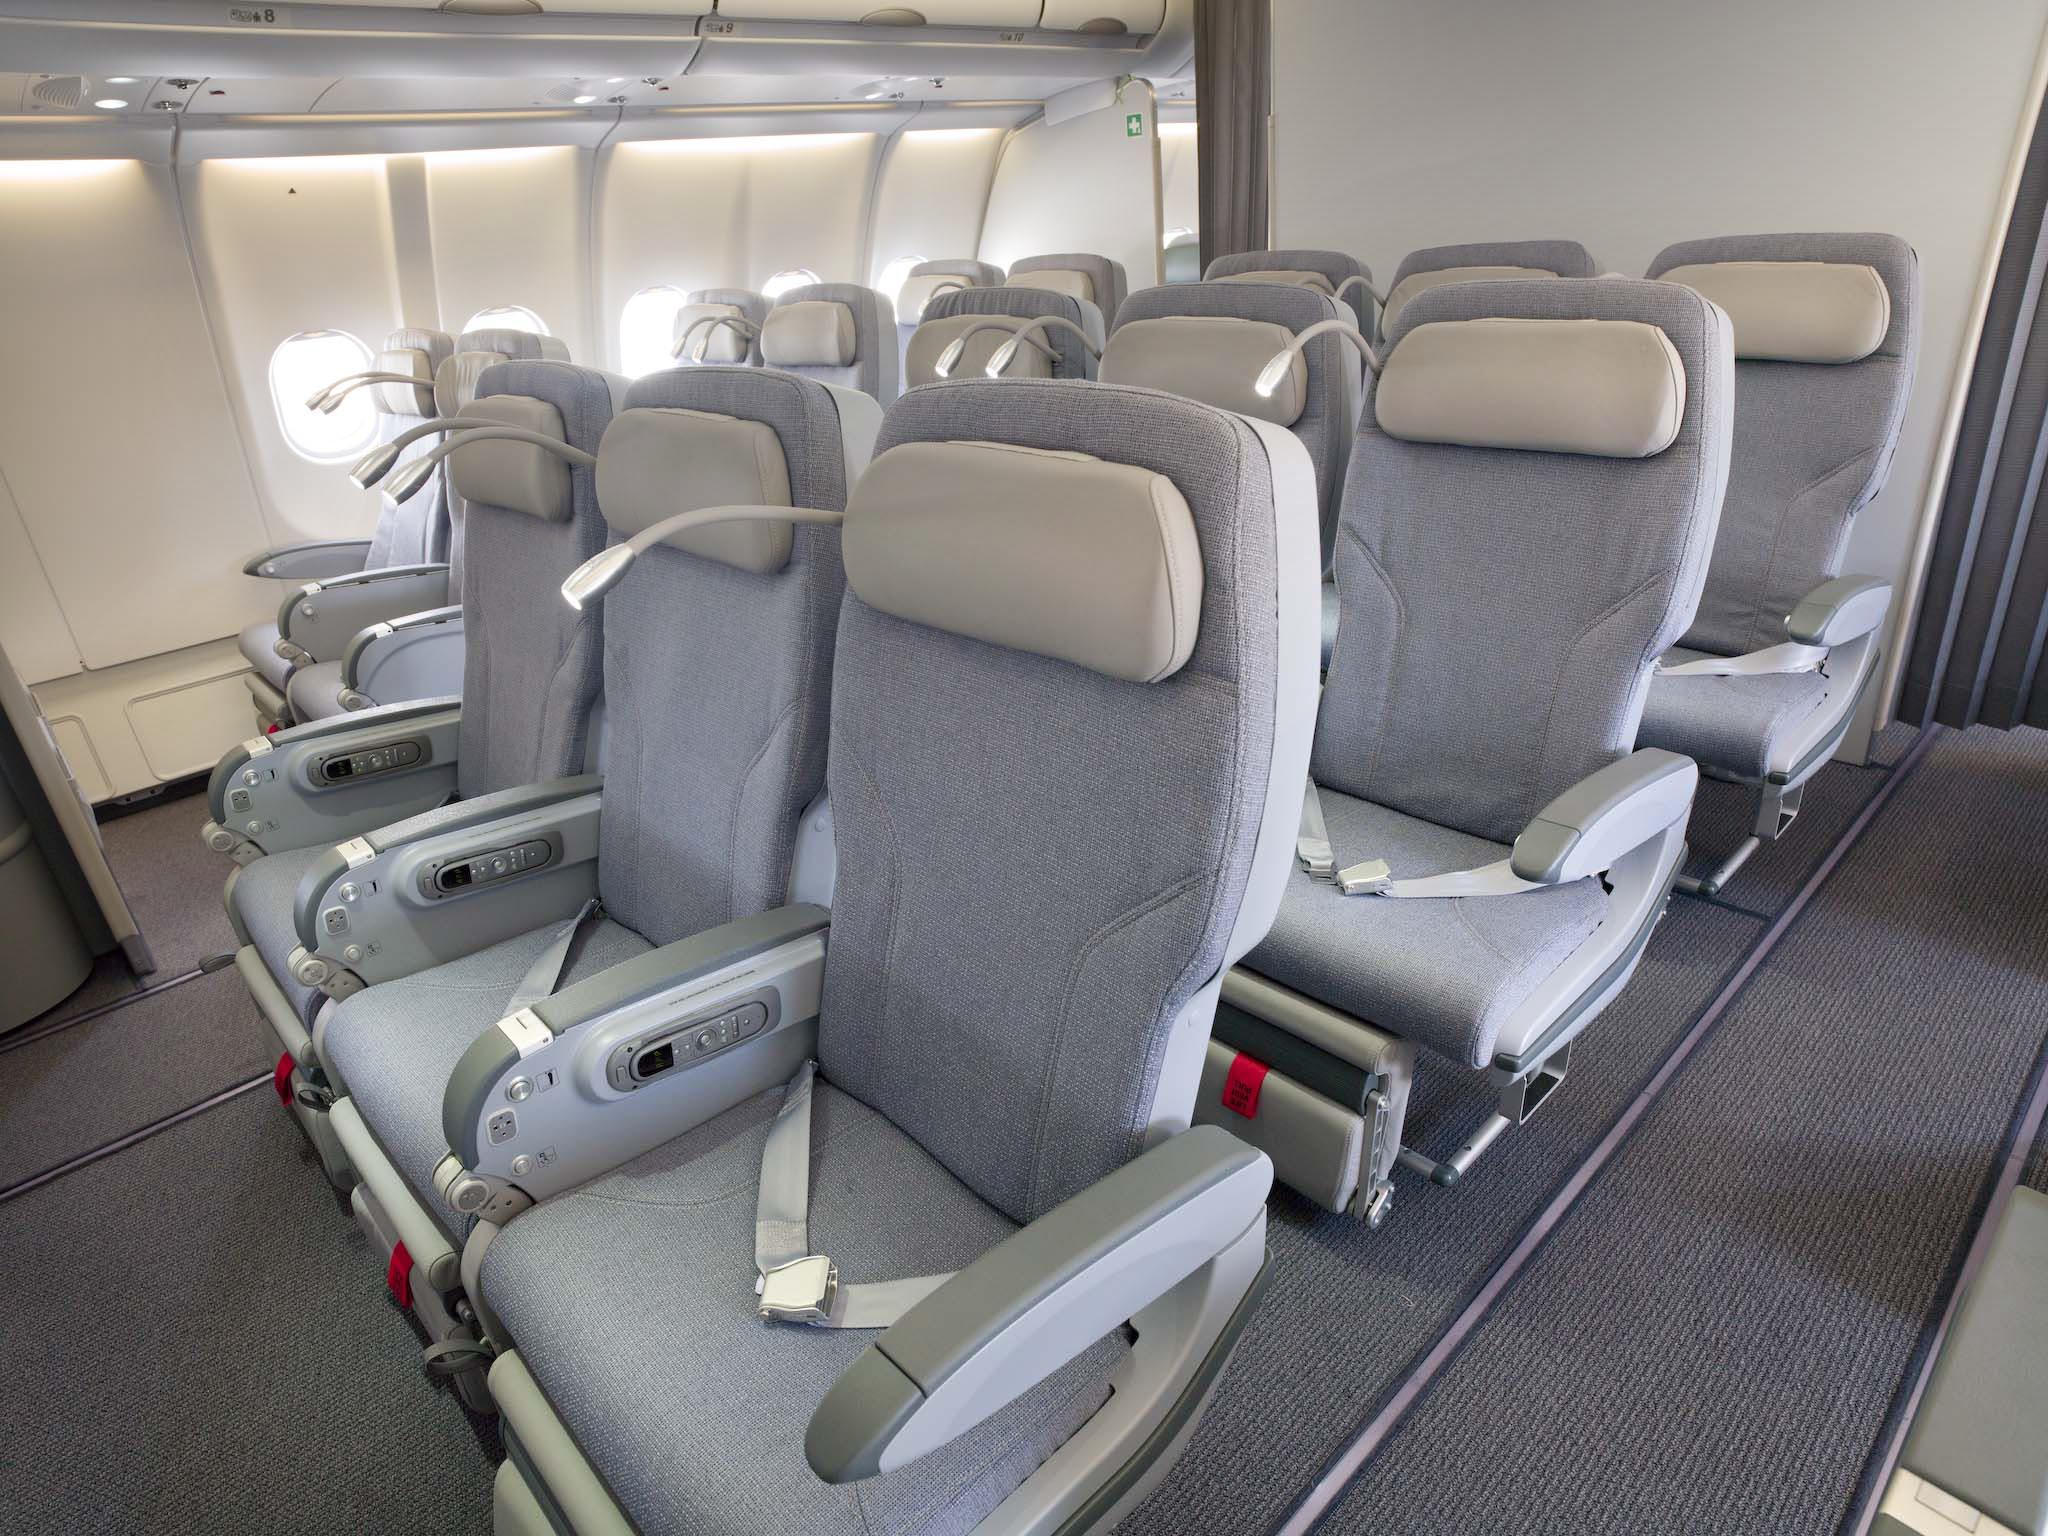 PRESENTATO IL PRIMO AIRBUS A330 DELLA FLOTTA ALITALIA DI LUNGO RAGGIO LA NOSTRA COMPAGNIA DI